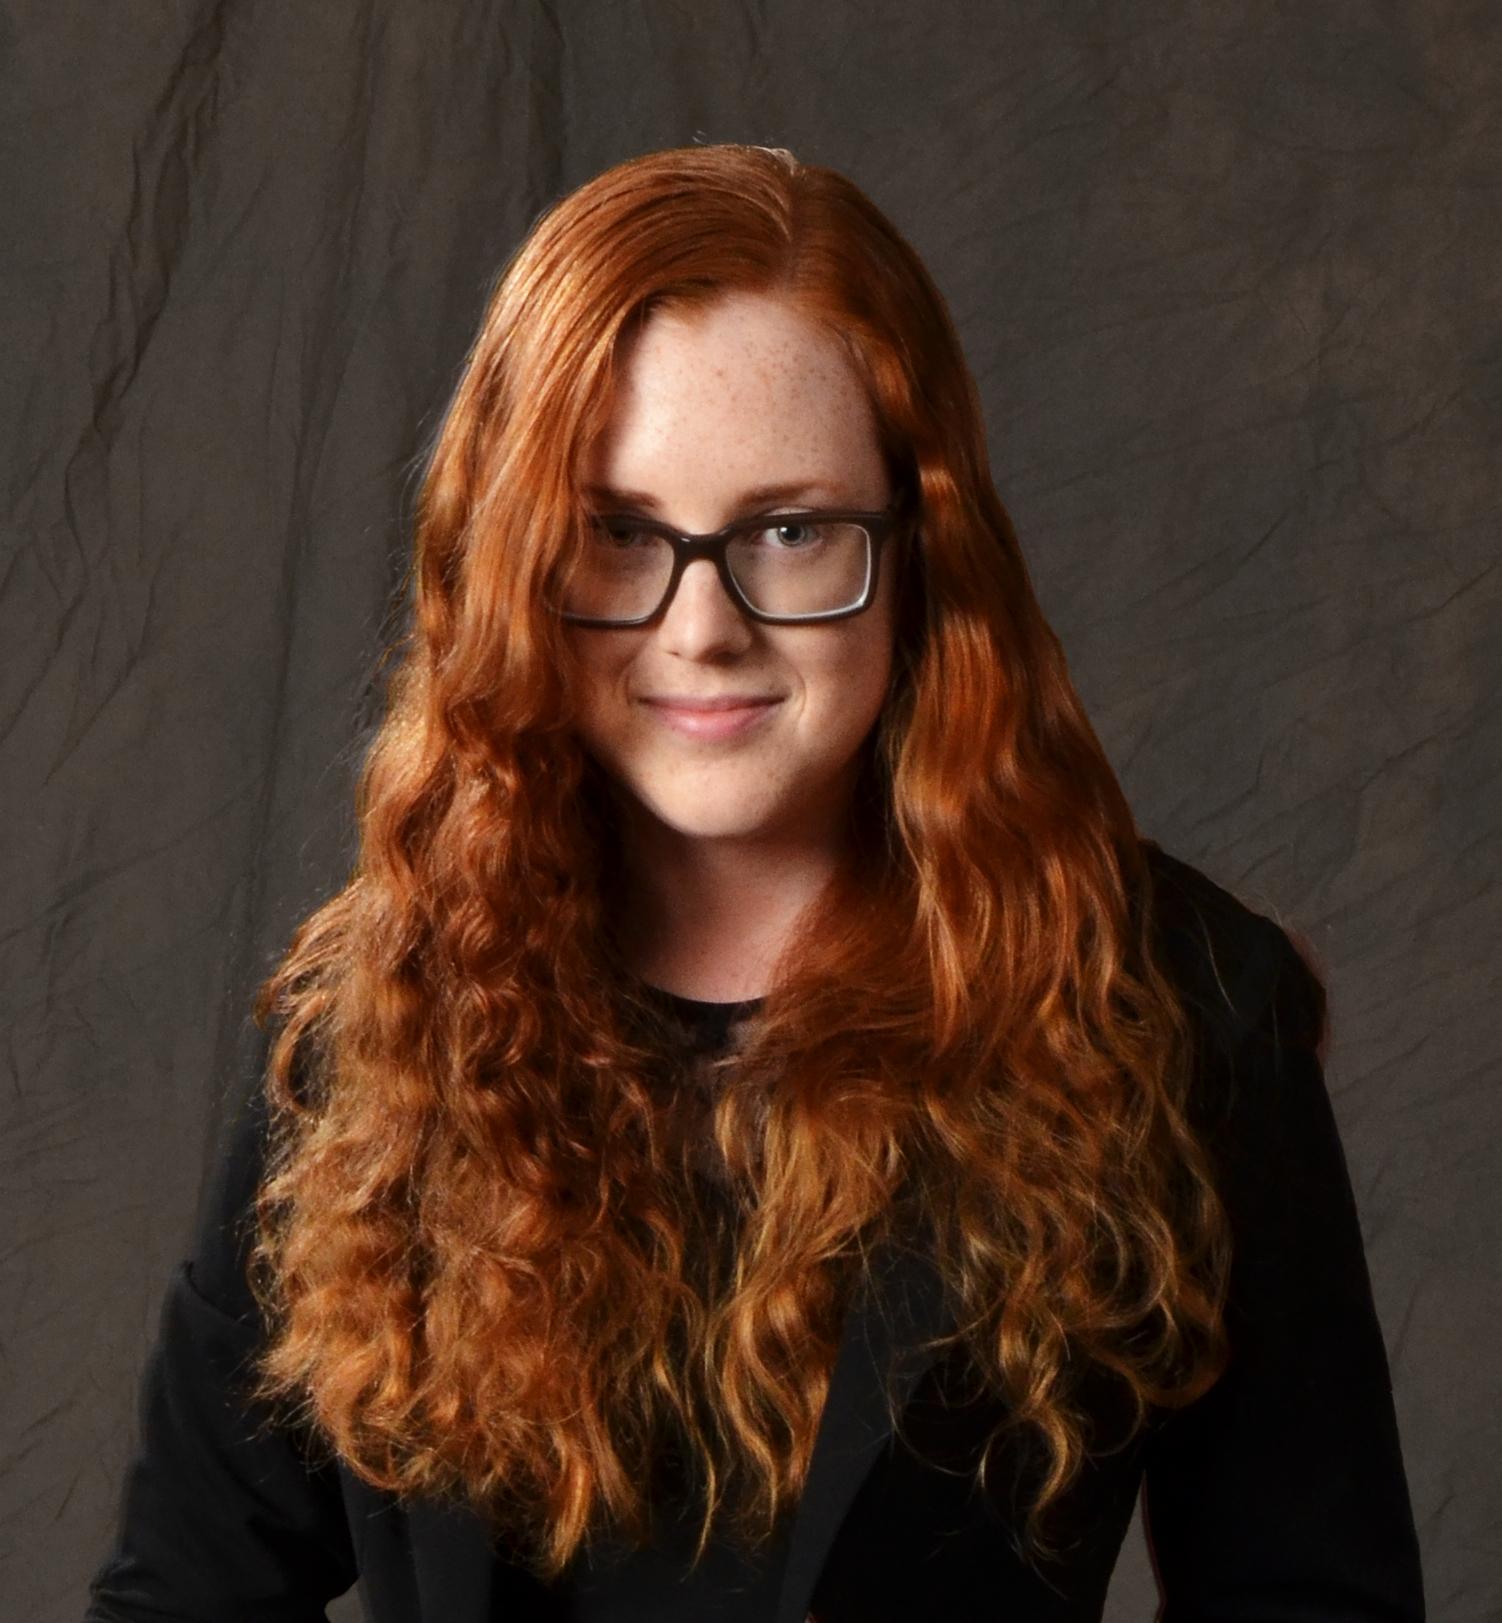 Chelsea Komschlies, composer